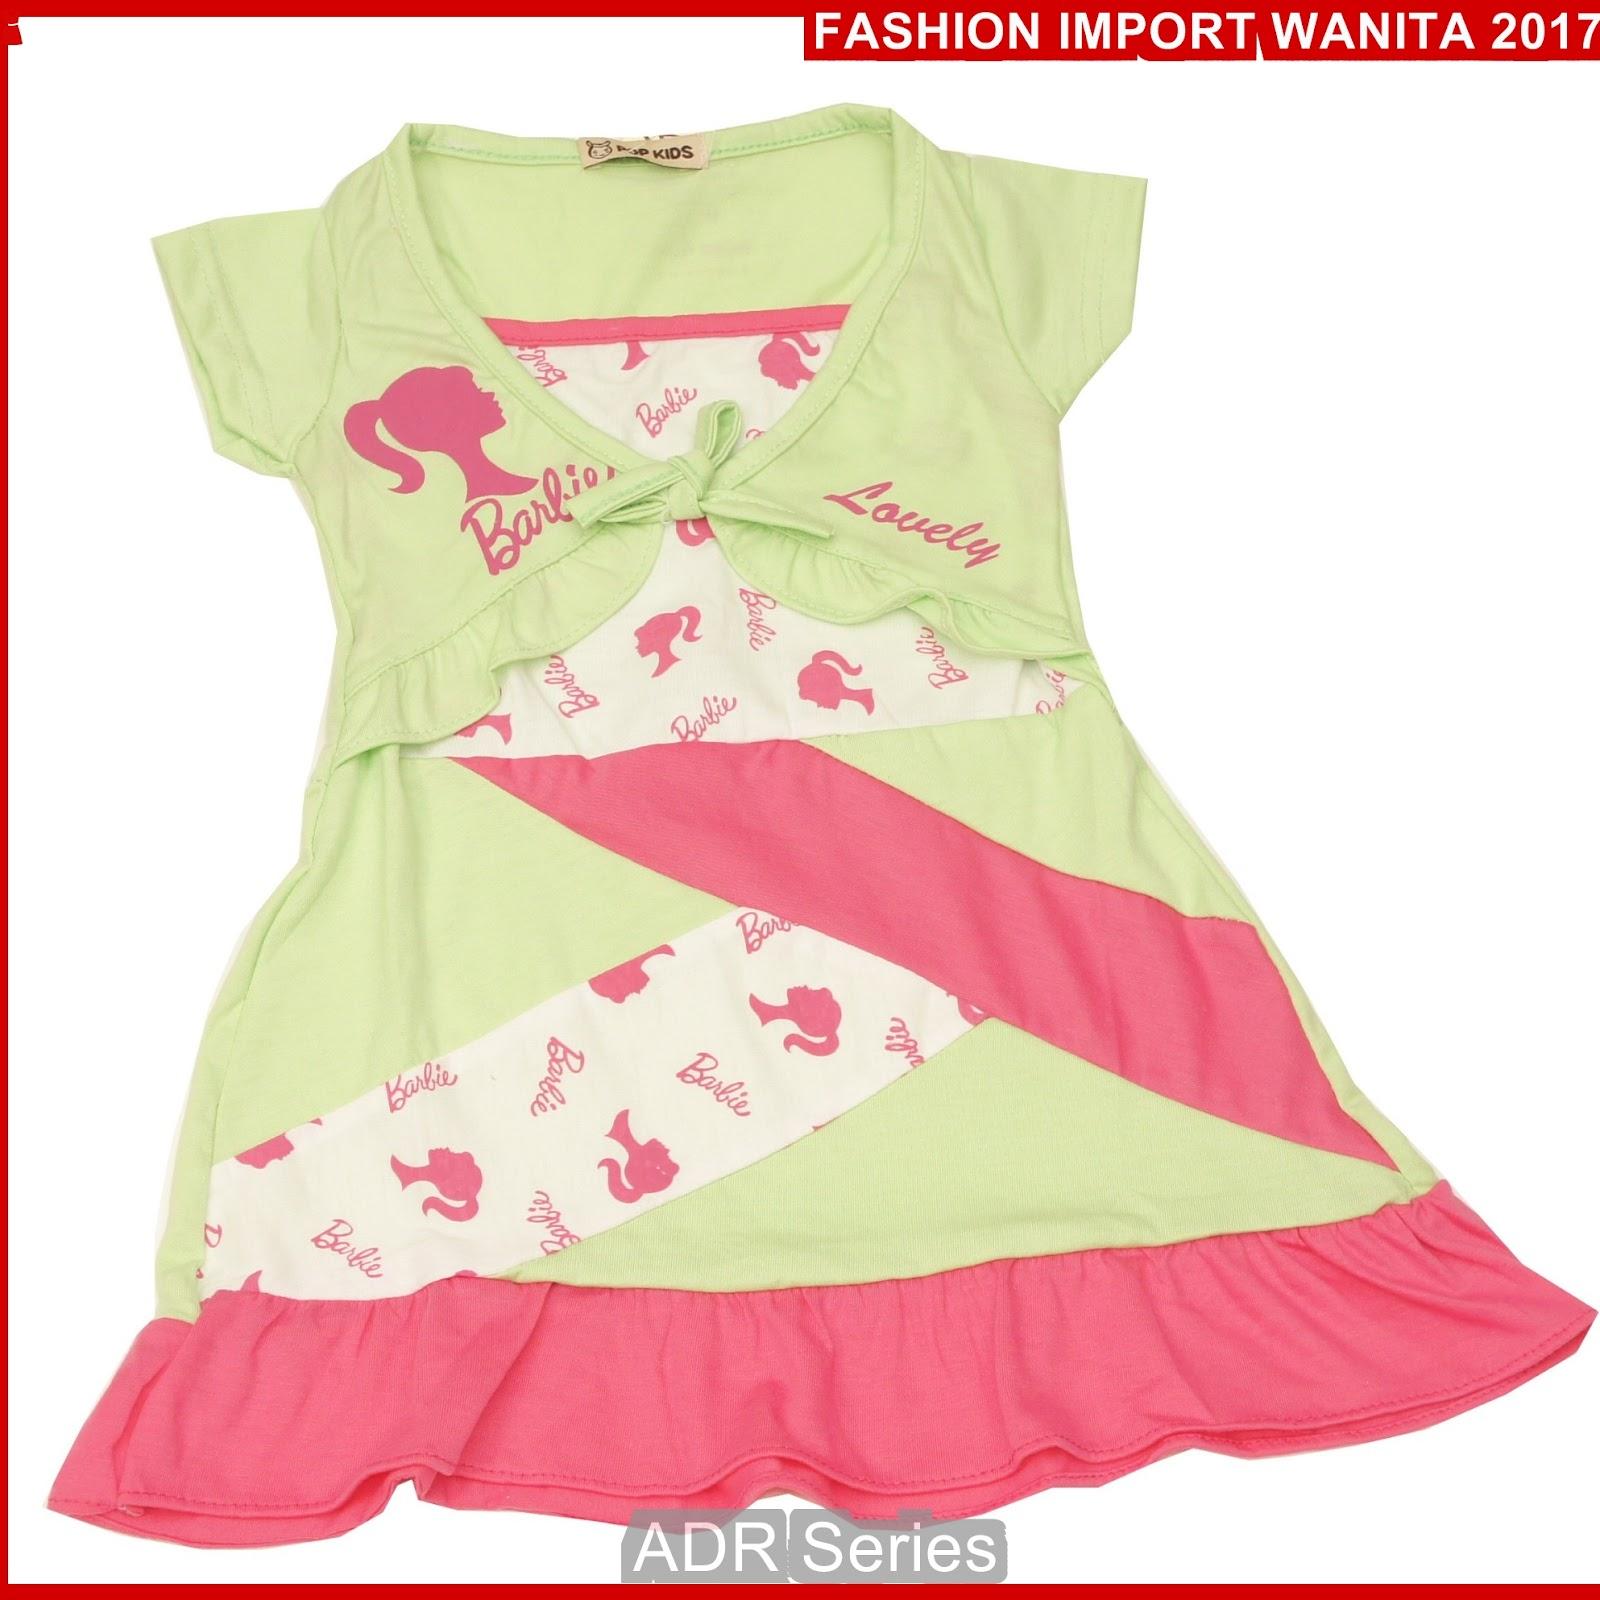 ADR173 Dress Wanita Hijau Anak BB Import BMGShop